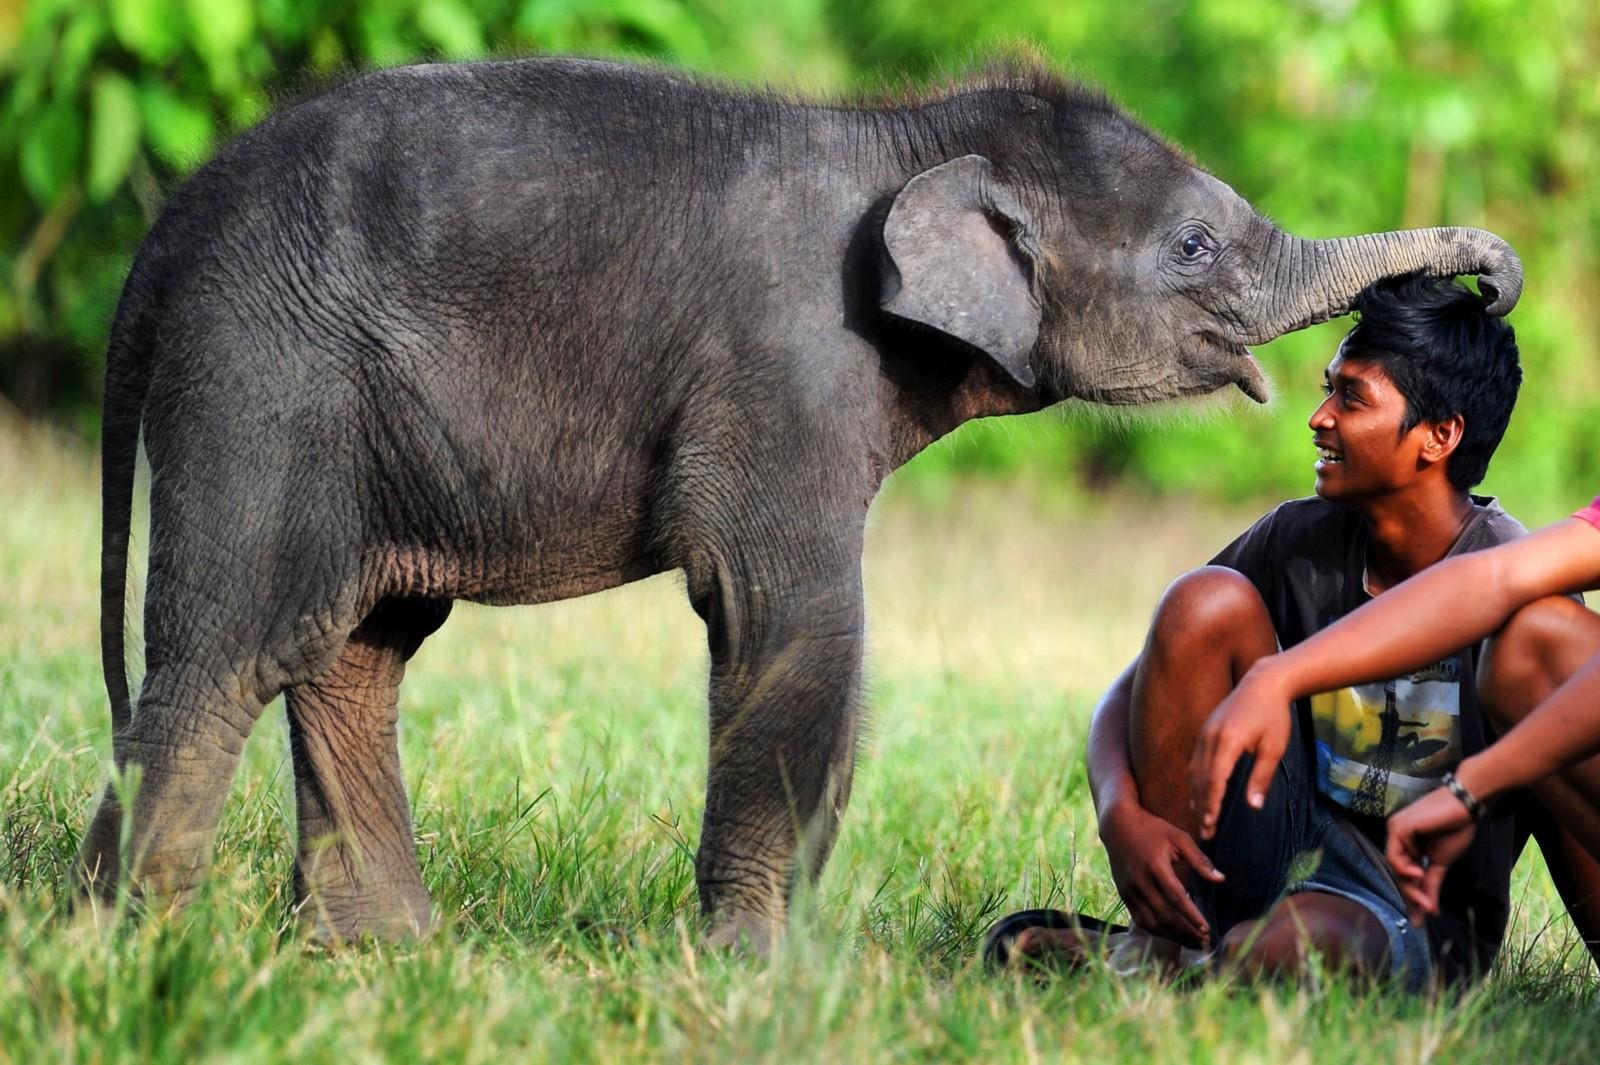 En liten sumatrisk elefant leker med en mahut i et dyrereservat i Aceh i Indonesia. En mahut er en elefantrytter.